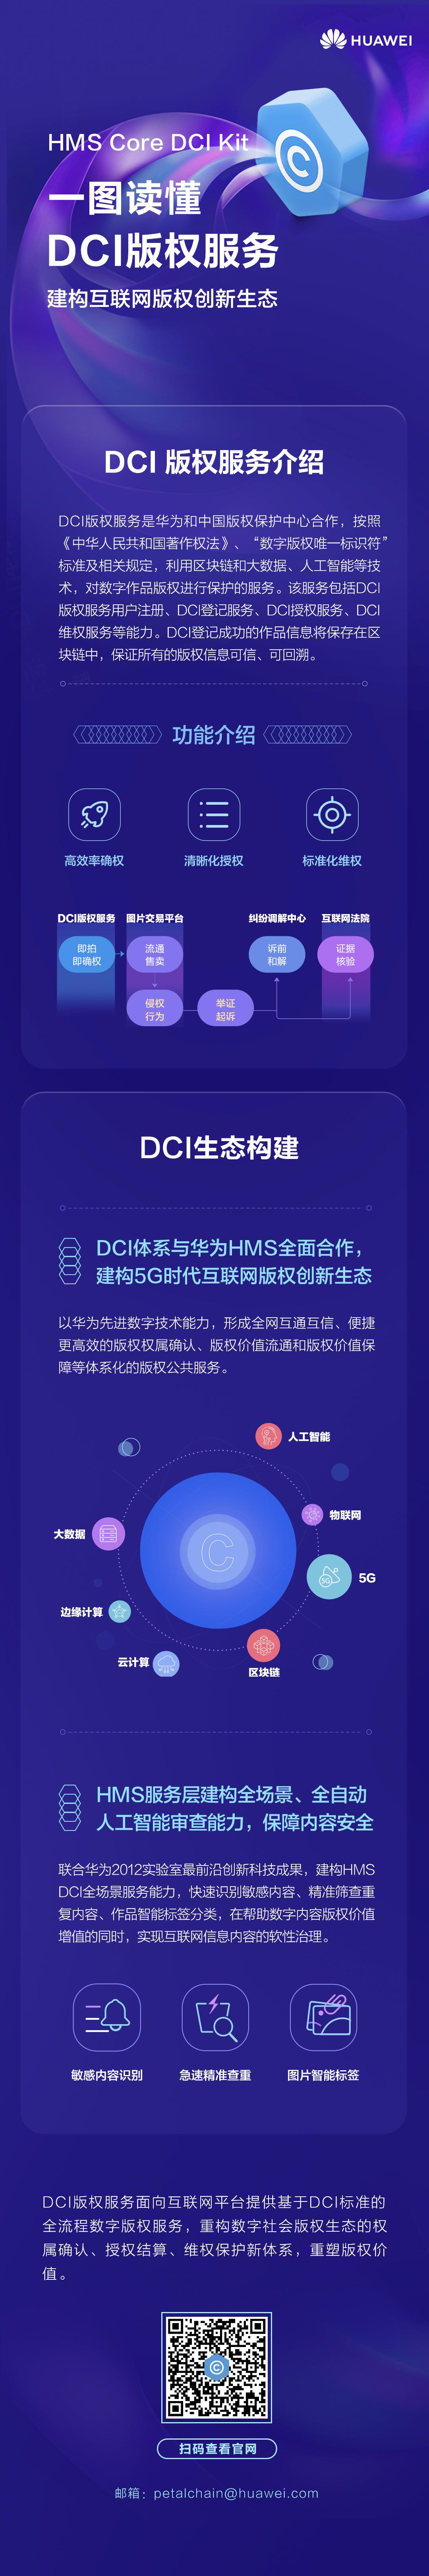 一图读懂DCI版权服务.jpg